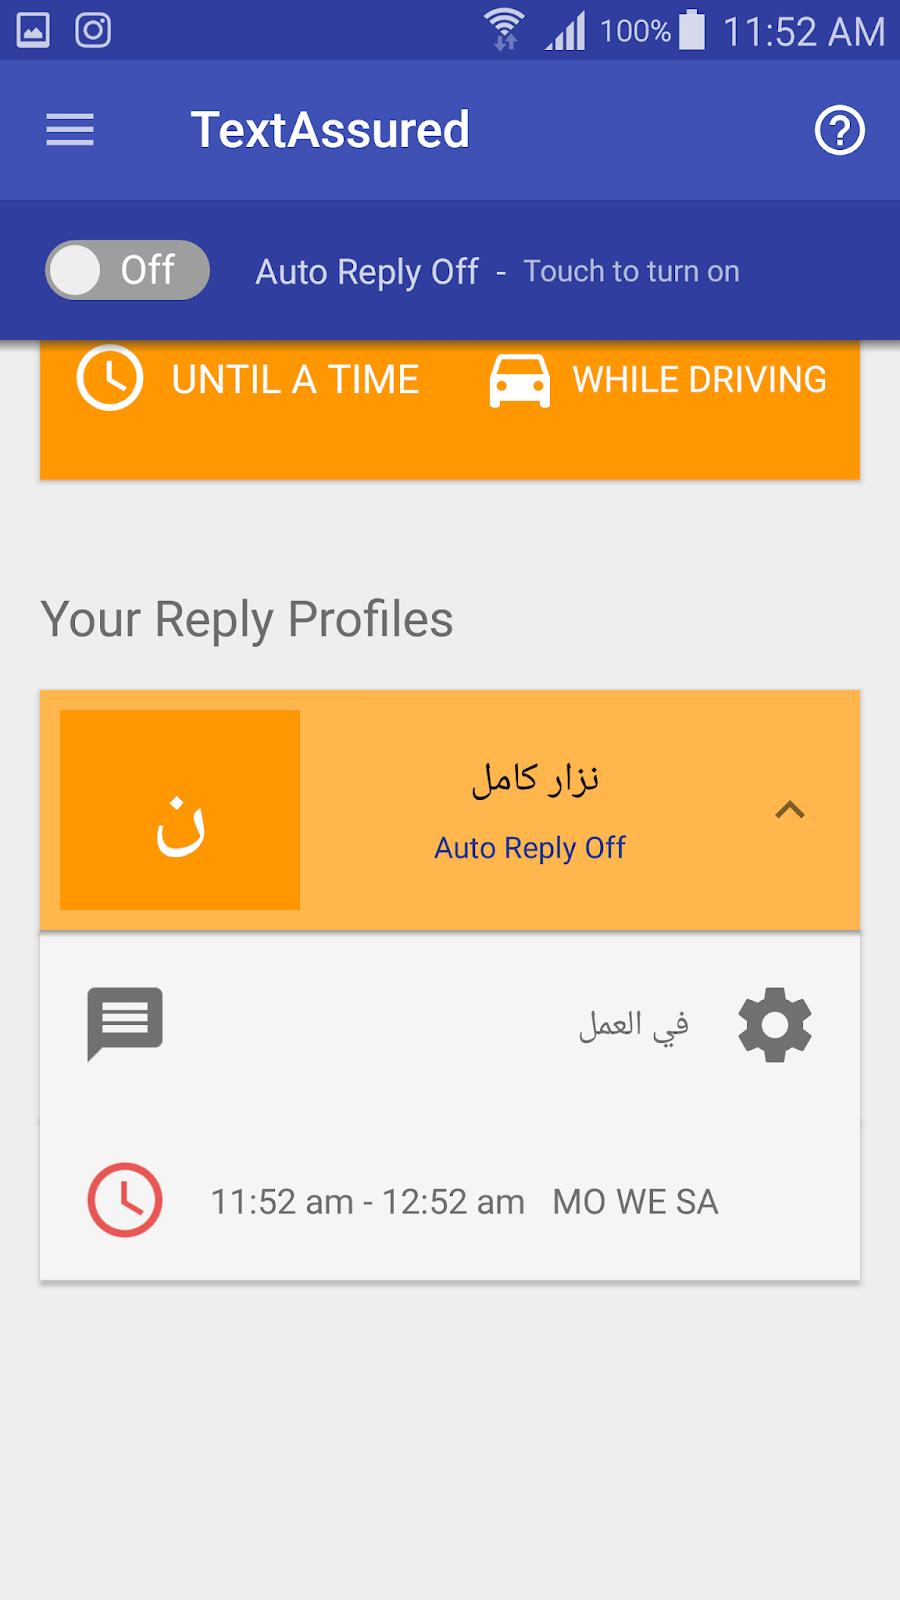 برنامج الرد الآلي على المكالمات على الجوال من خلال TextAssured | بحرية درويد